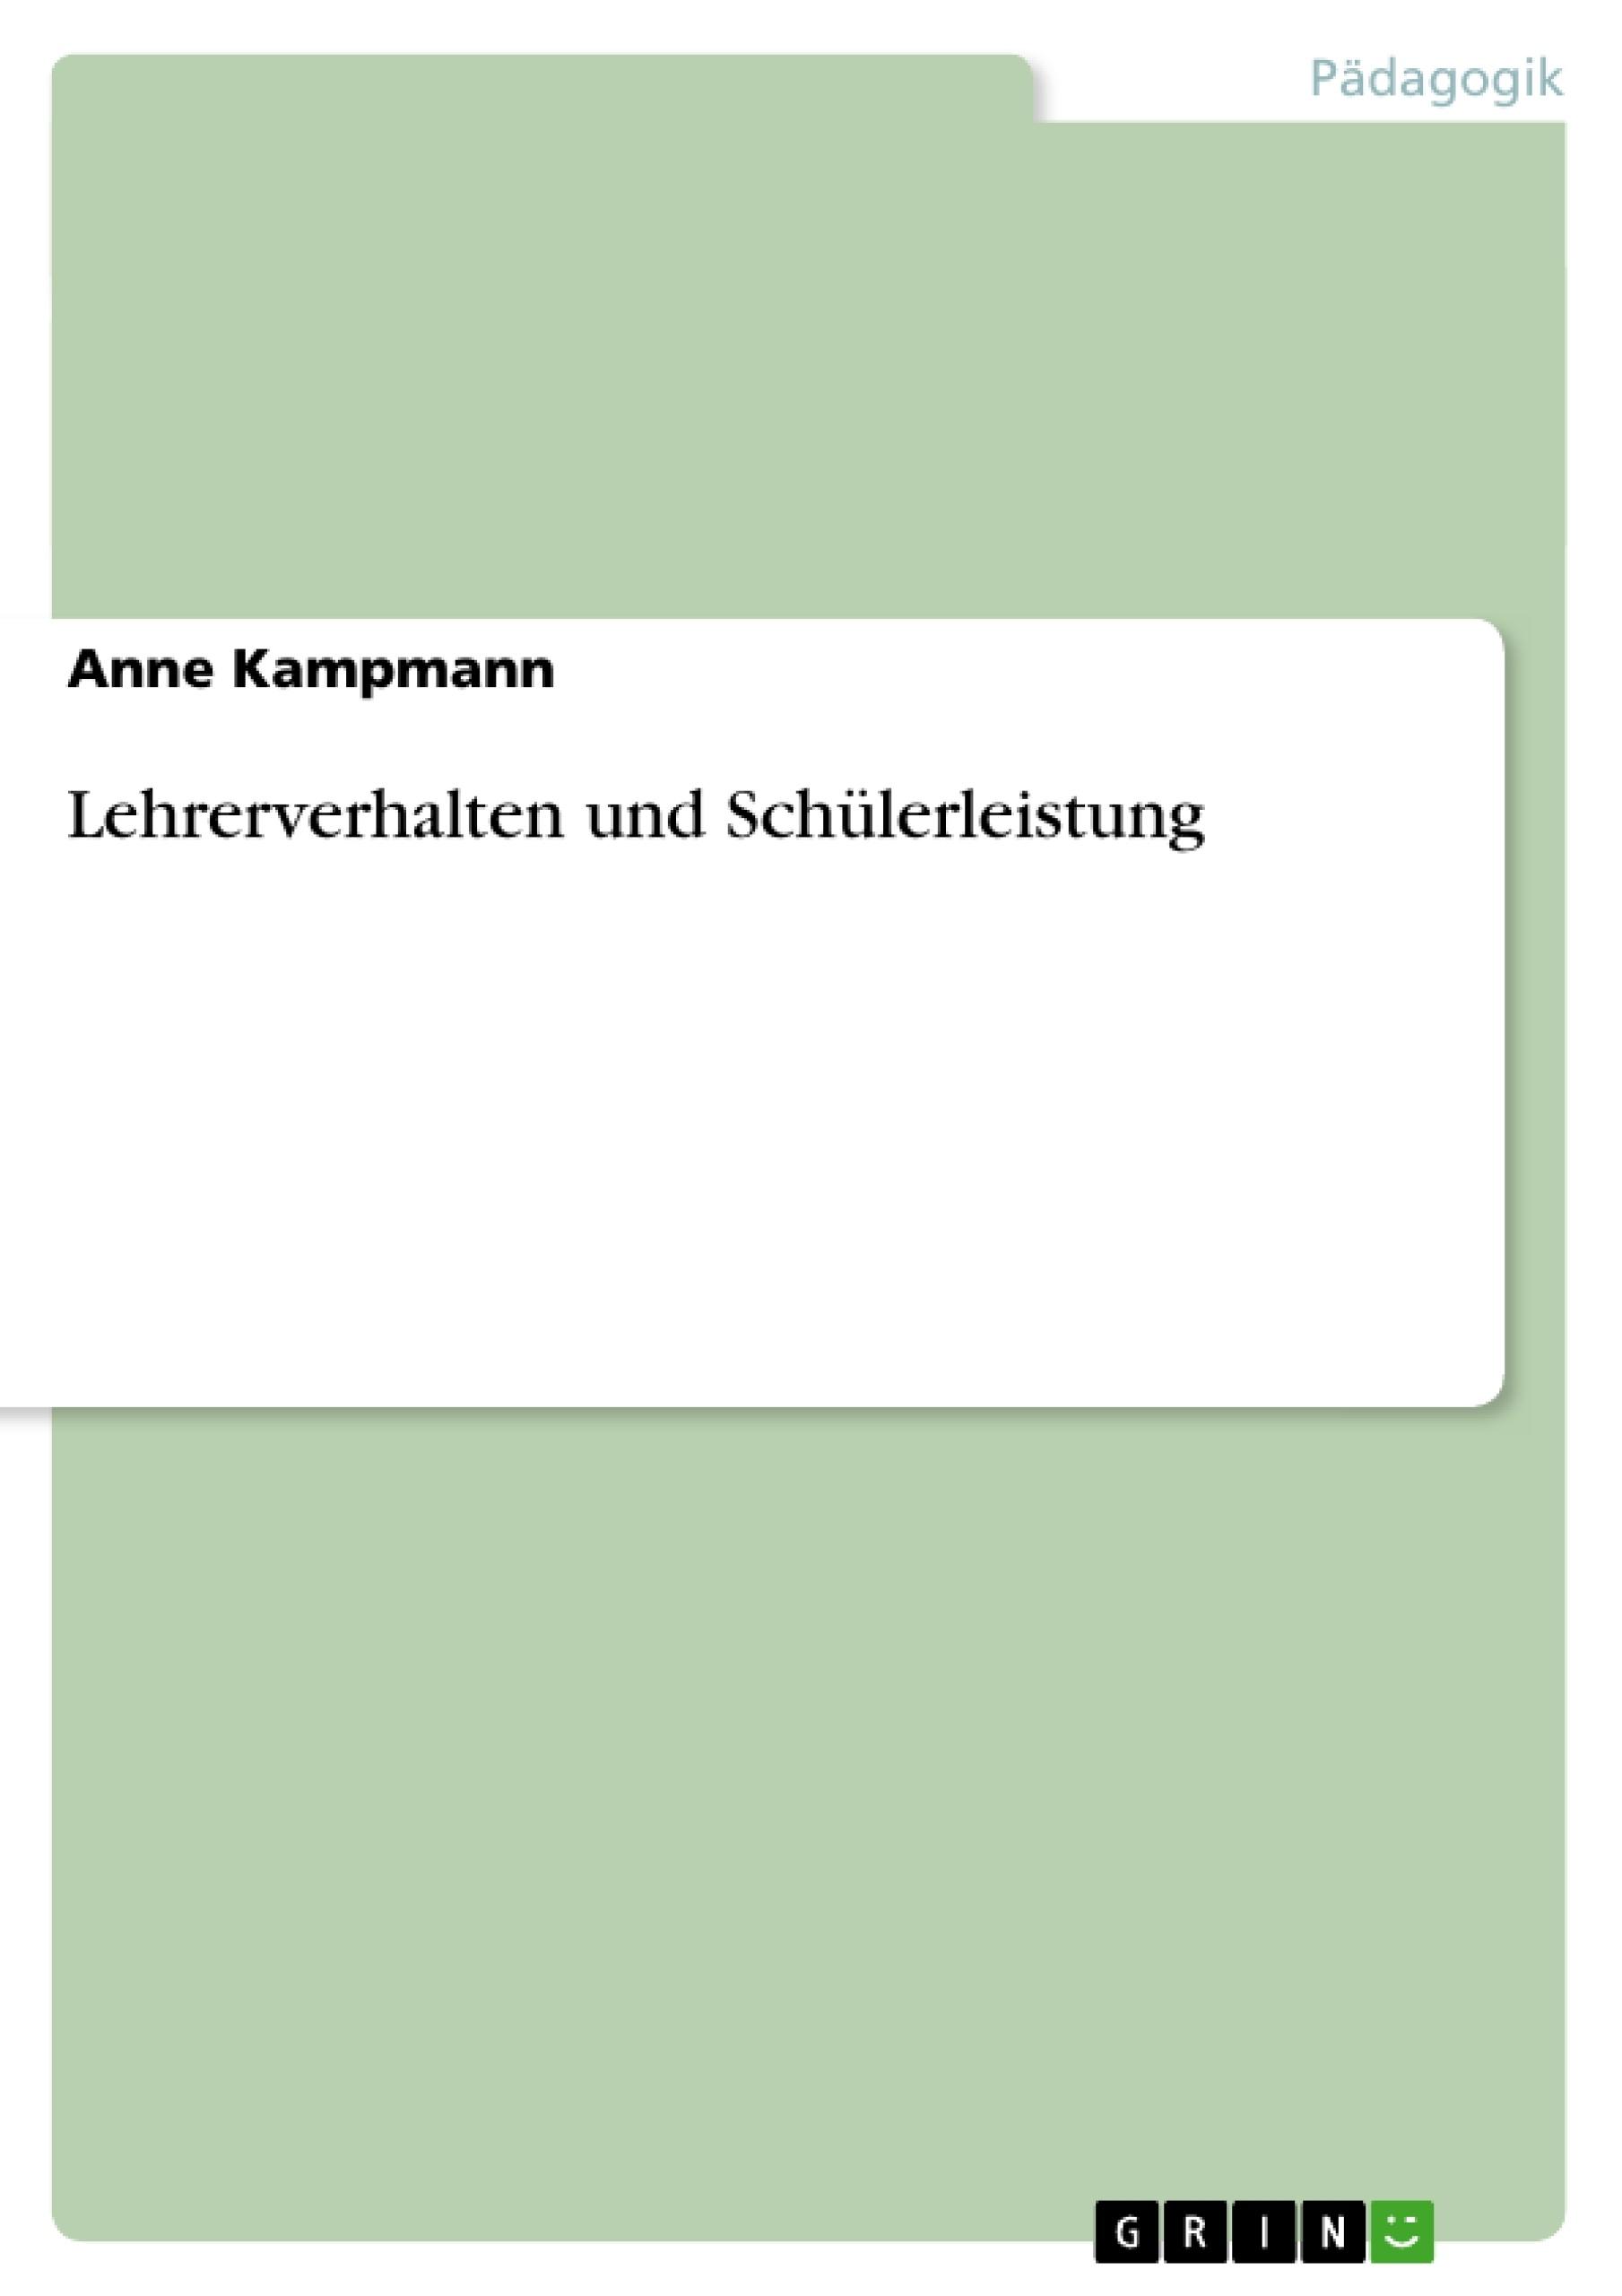 Titel: Lehrerverhalten und Schülerleistung